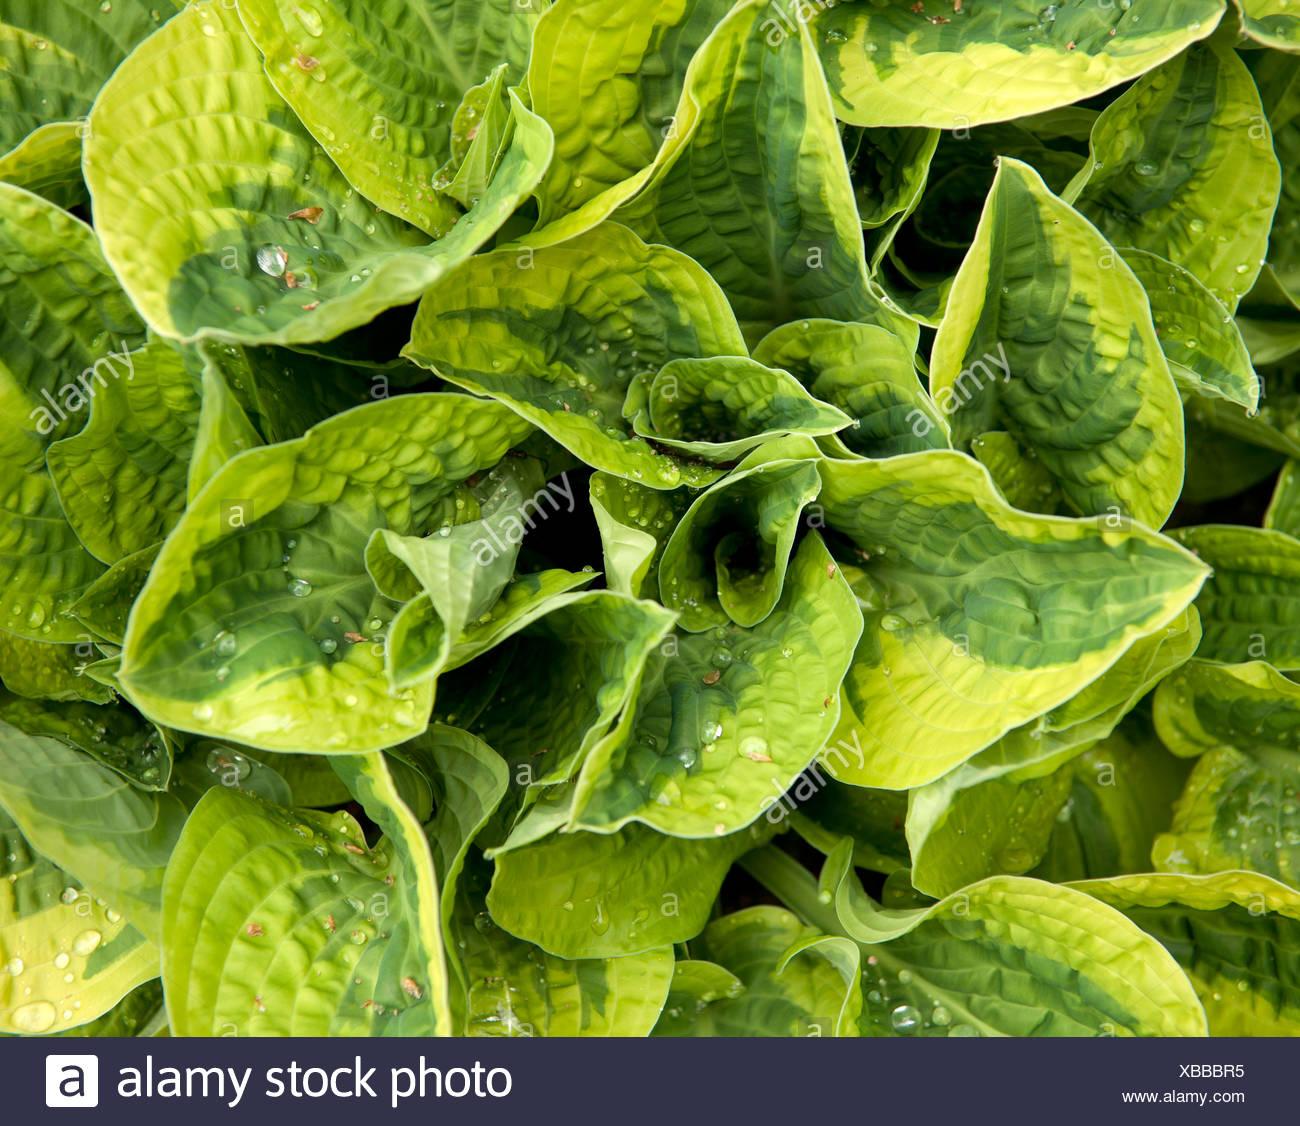 Un hosta plante à feuilles panachées Photo Stock